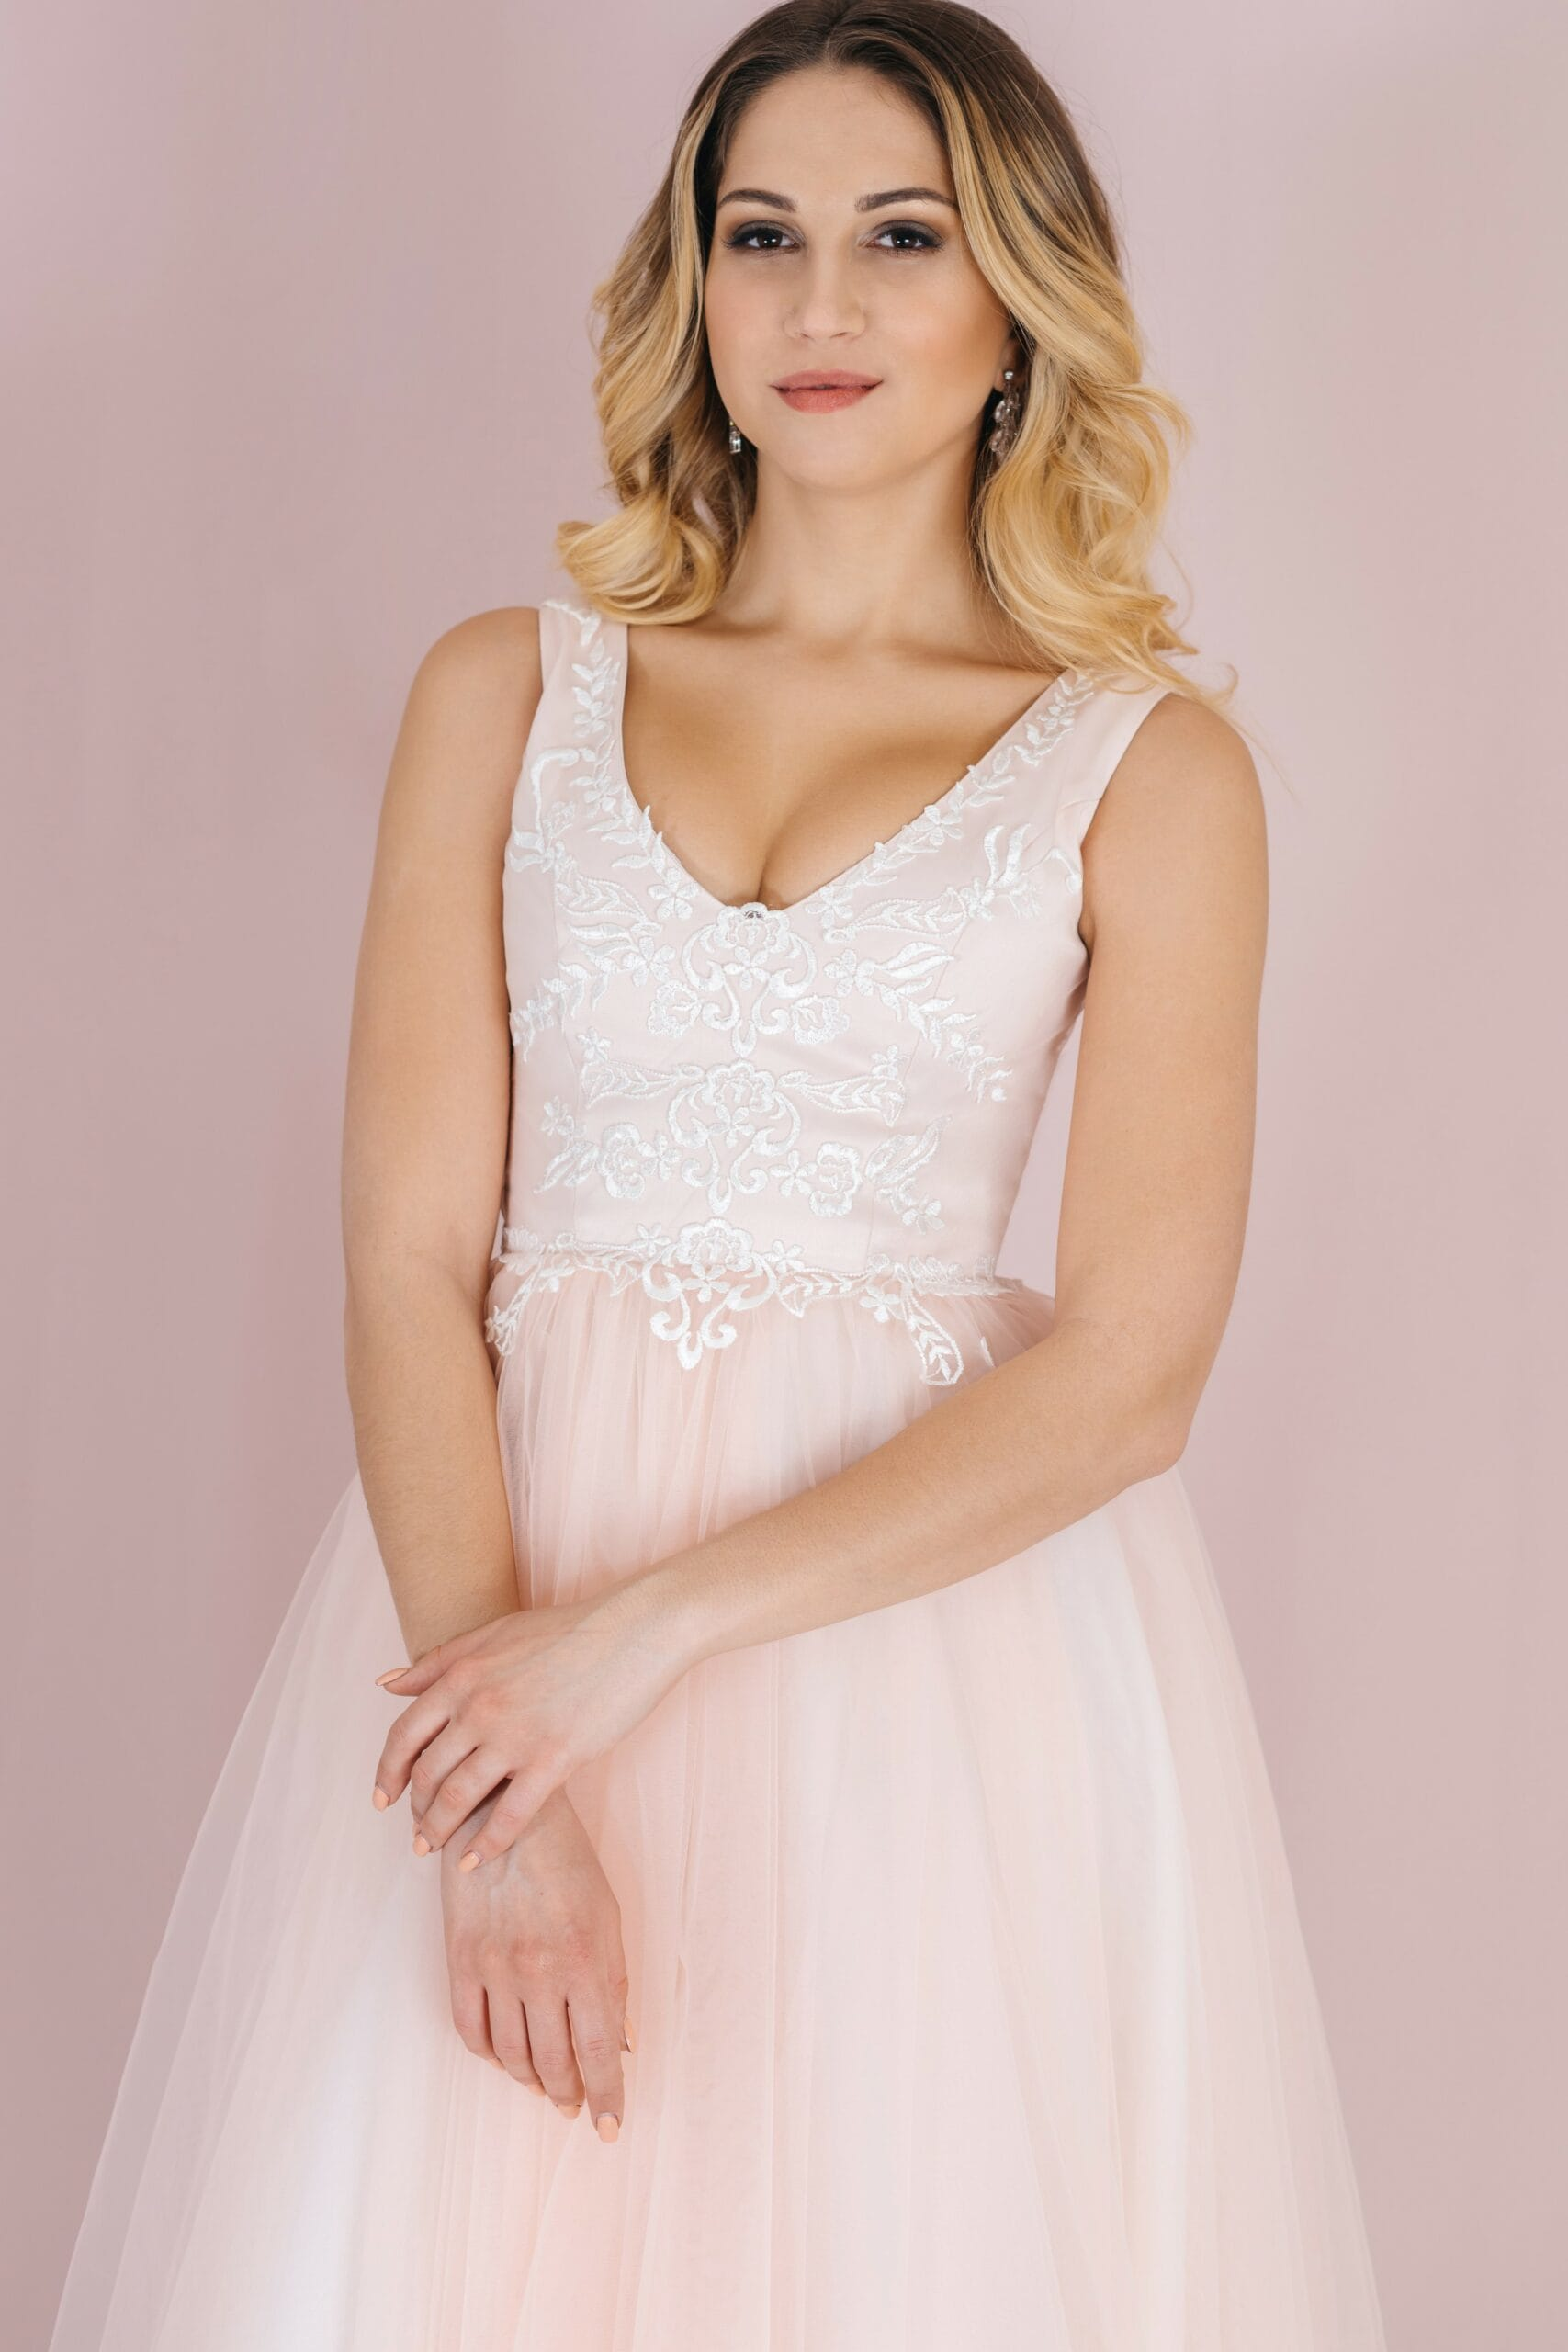 Свадебное платье AMELI, коллекция LOFT, бренд RARE BRIDAL, фото 5